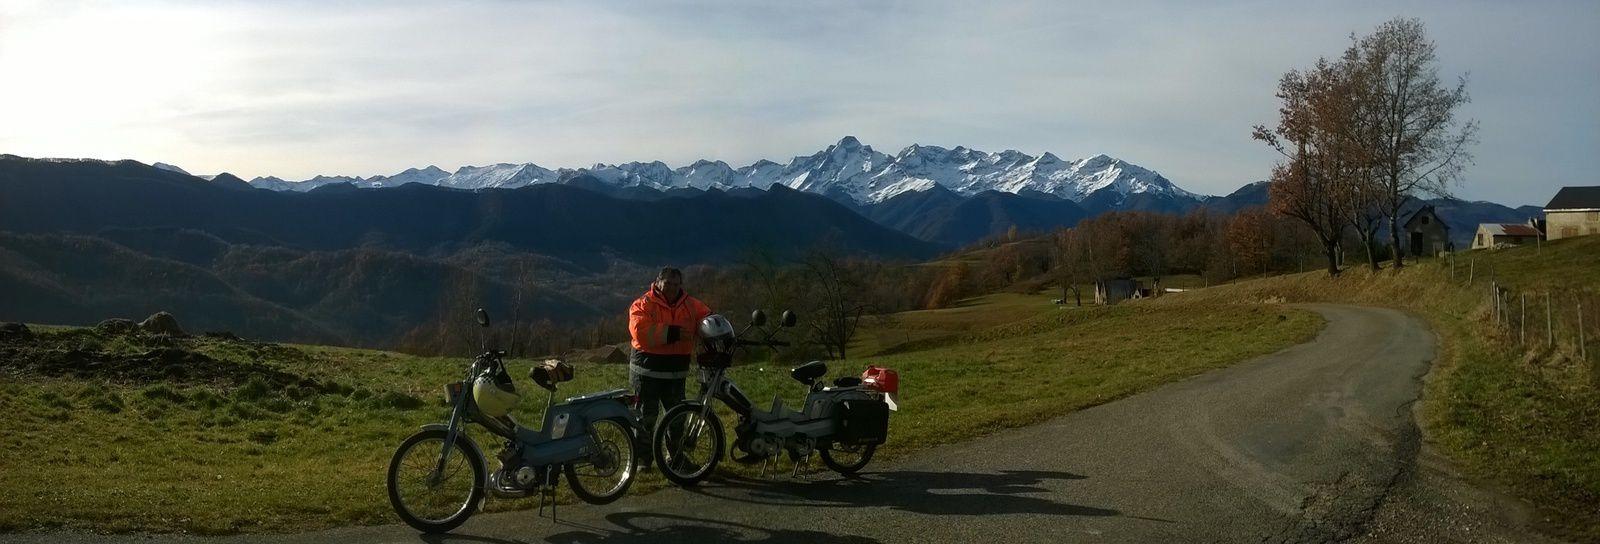 Hivernale en Ariège. Saison deux